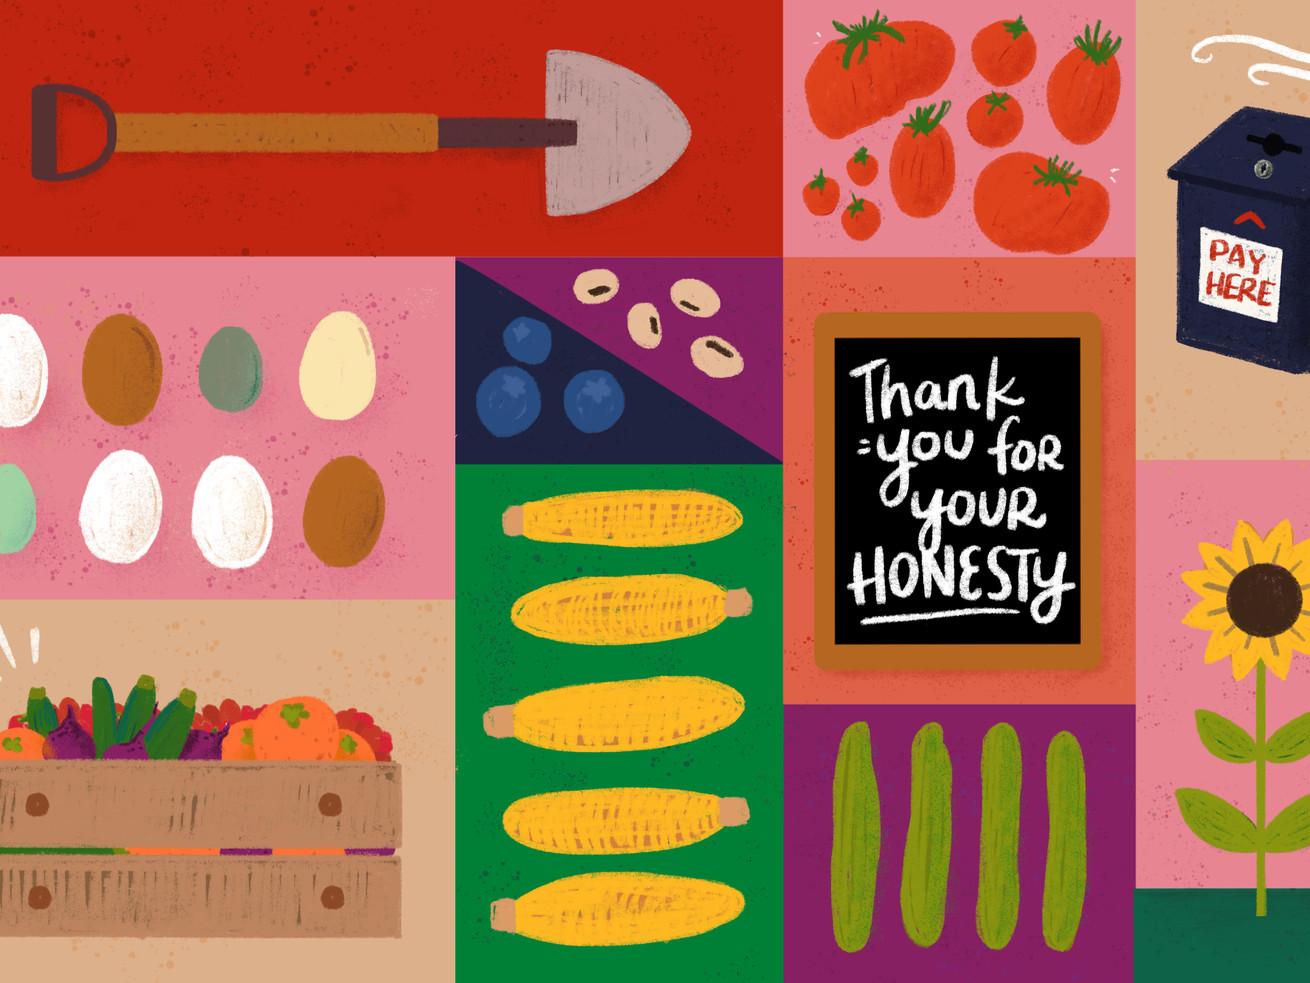 """Hình minh họa các bảng màu rực rỡ cho thấy một cái xẻng, cà chua, trứng nhiều màu, bắp ngô, dưa chuột, hoa hướng dương, một thùng đầy sản phẩm, quả việt quất, đậu, hộp đựng tiền có nội dung """"Thanh toán tại đây"""" và một bảng đen có nội dung"""